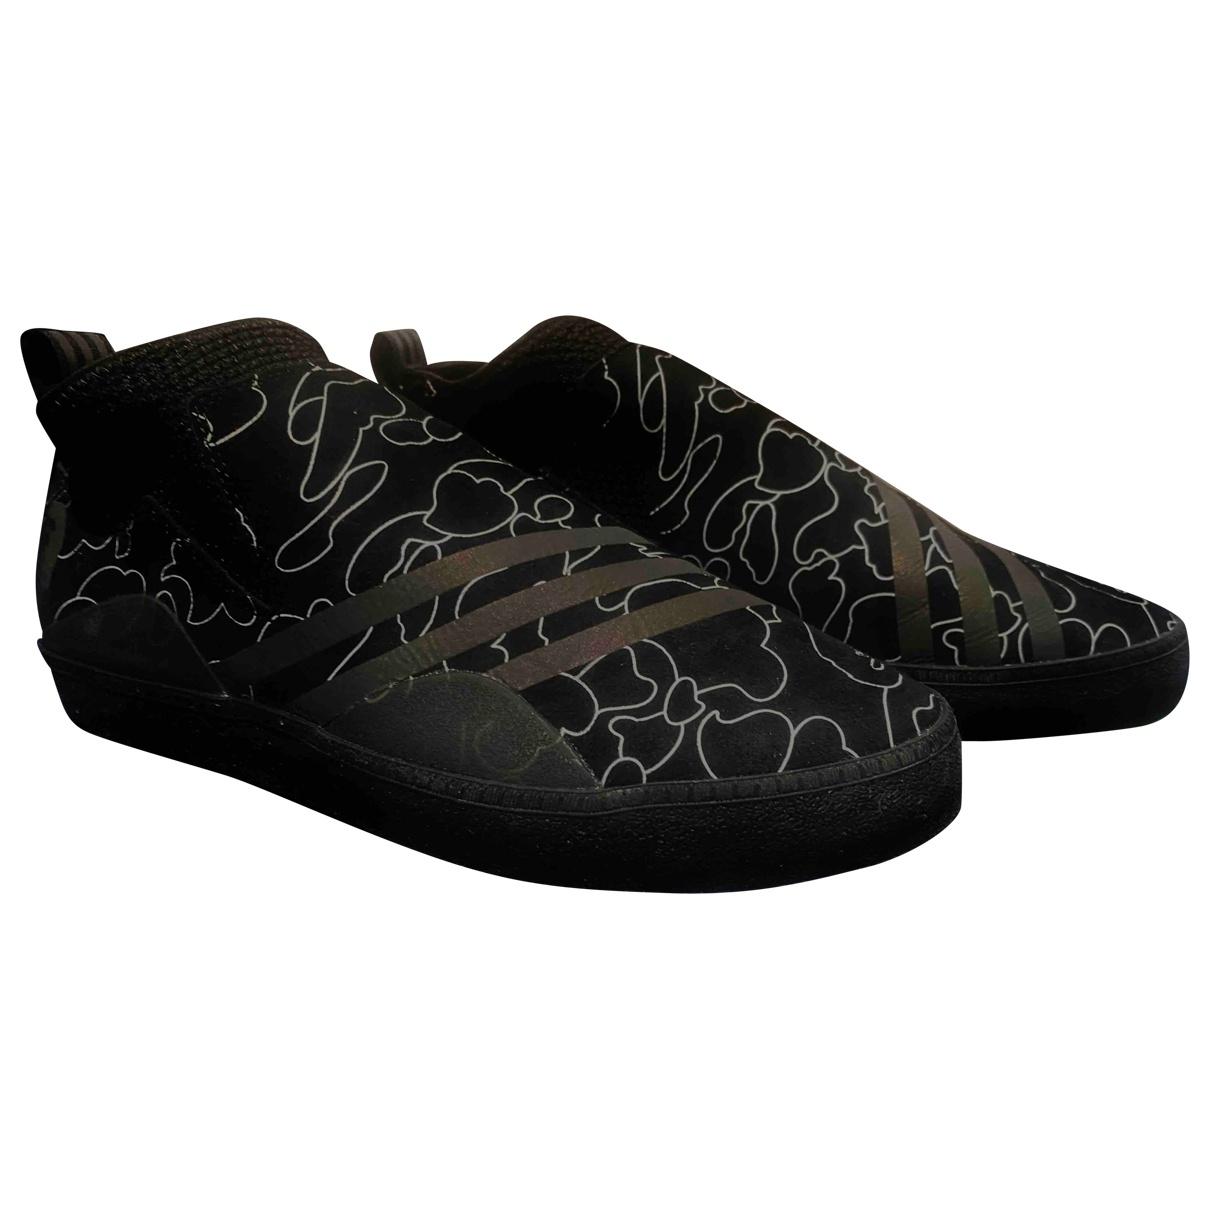 Adidas X A Bathing Ape - Baskets   pour homme en suede - noir